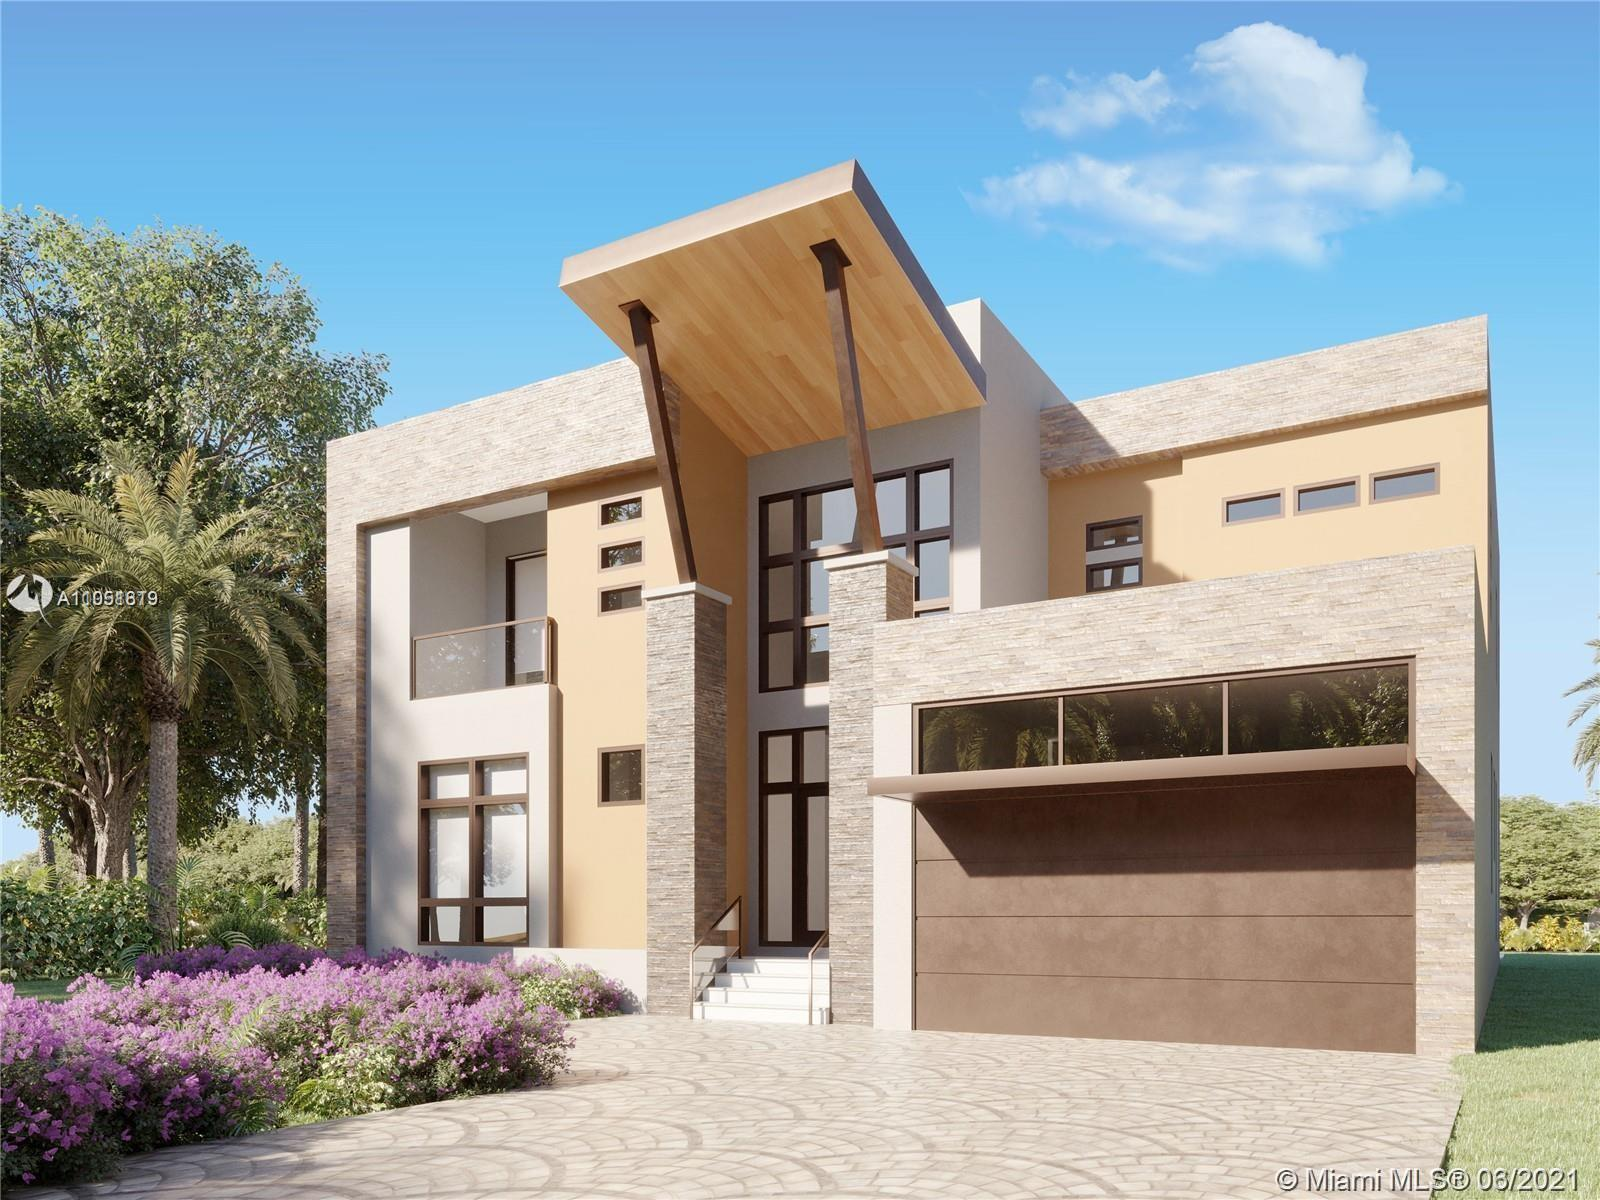 Keystone Point - 12680 Maple Rd, North Miami, FL 33181